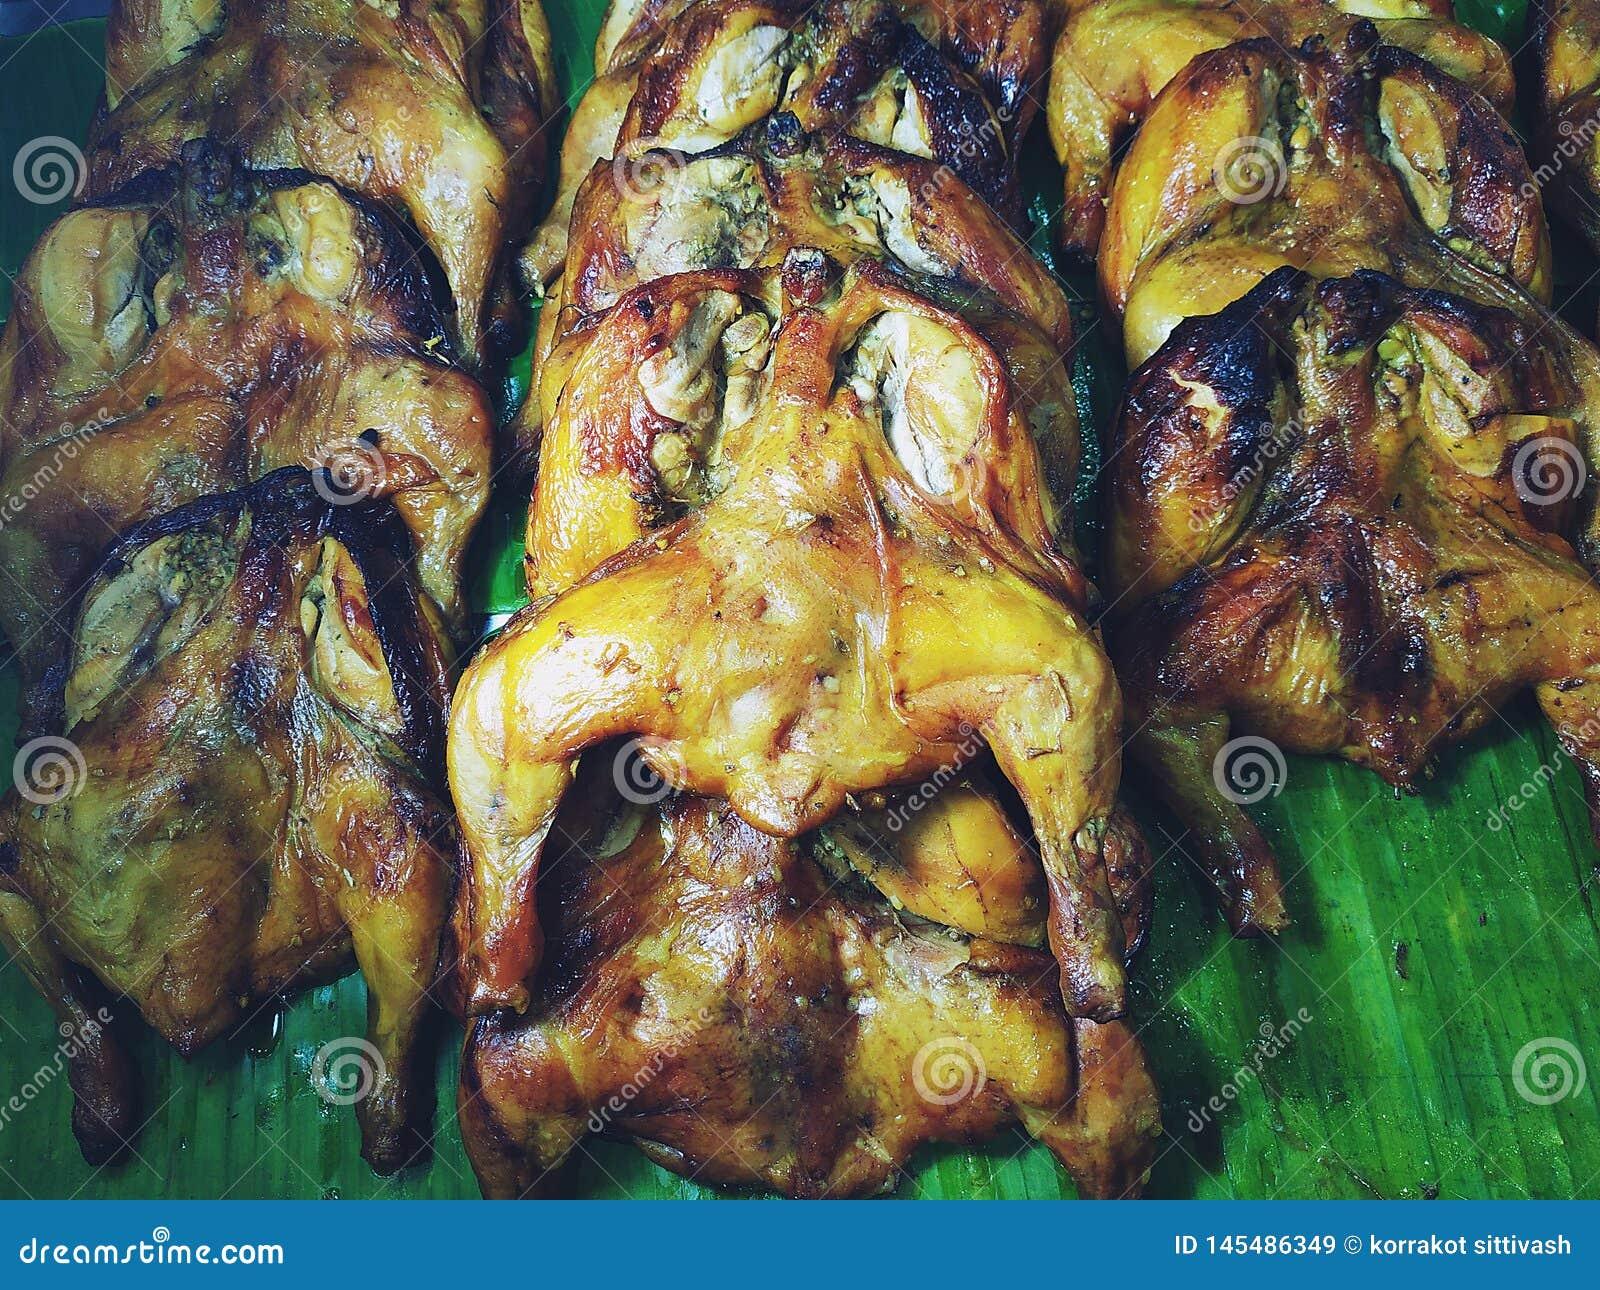 Frasig grilla höna som förläggas på banansidor